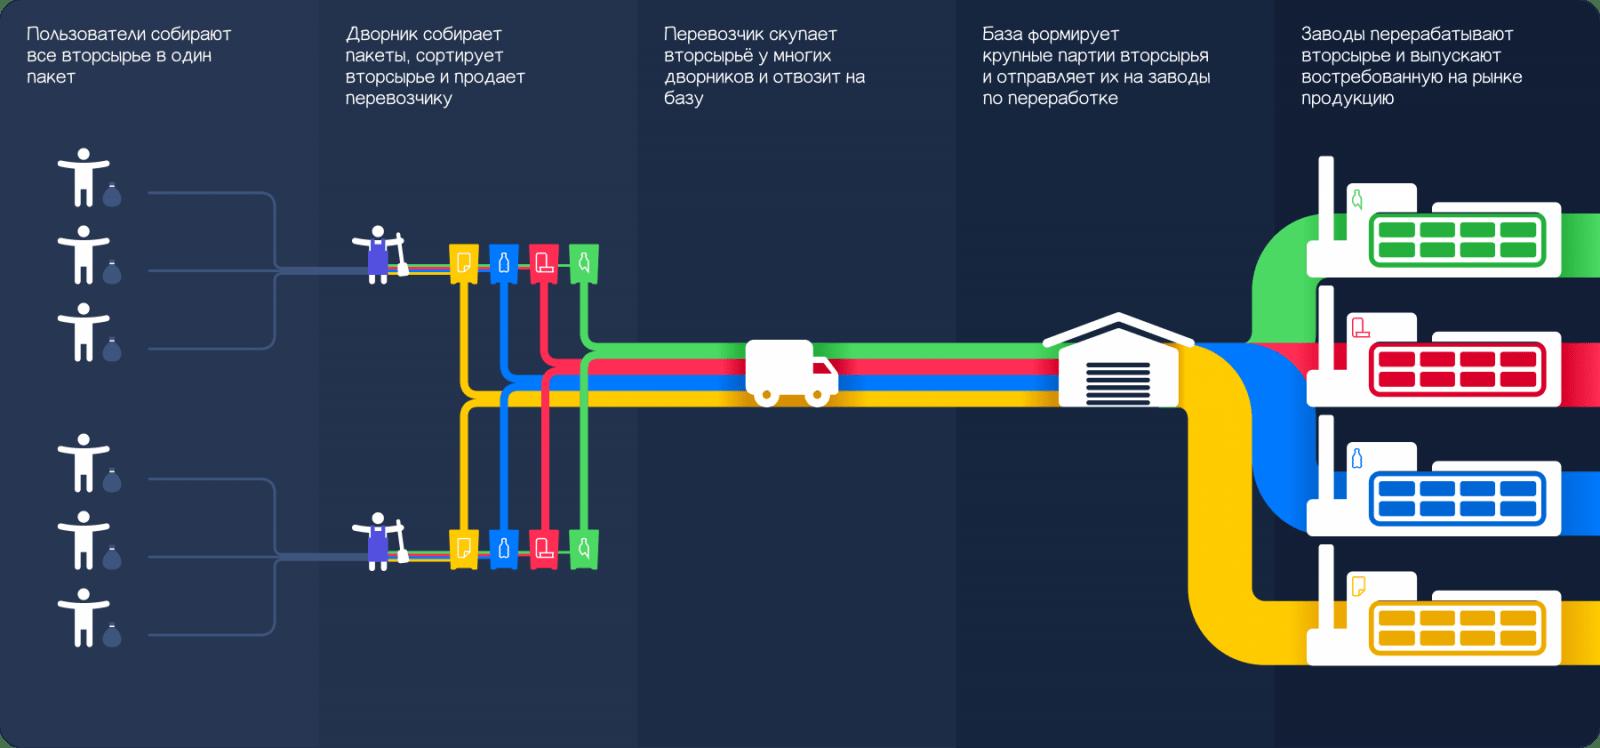 Sborbox. Как сортировать мусор (frame 2019 03 29t1)